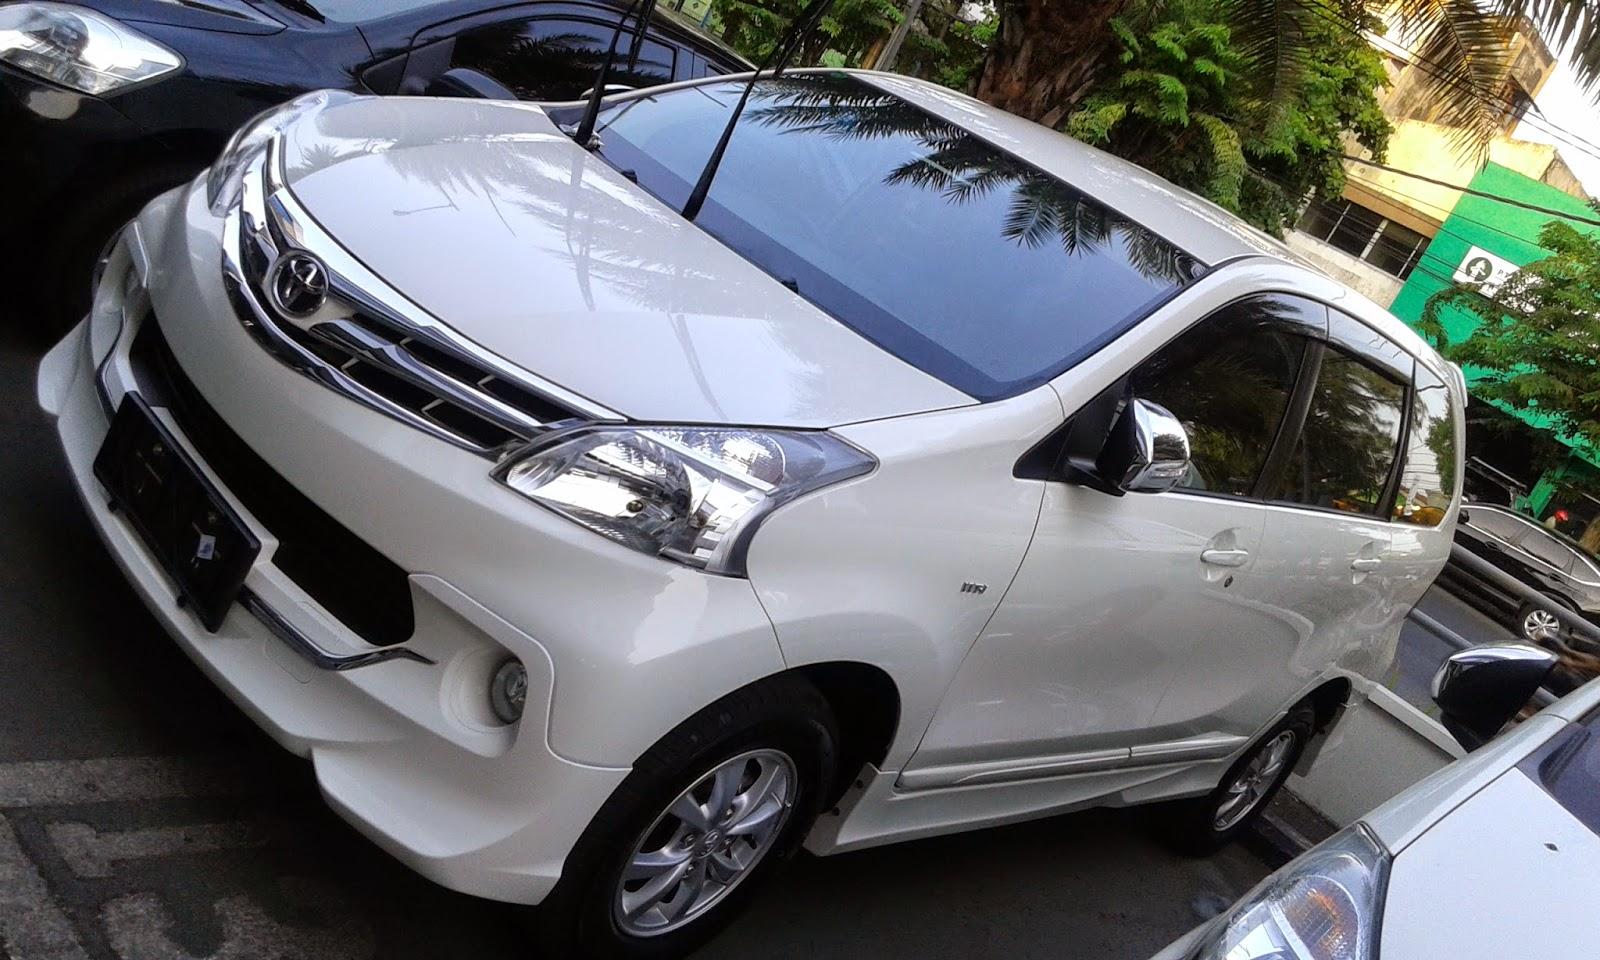 PAKET KREDIT FANTASTIS New Toyota Avanza Total Dp 22 Juta : TERBATAS!!!!